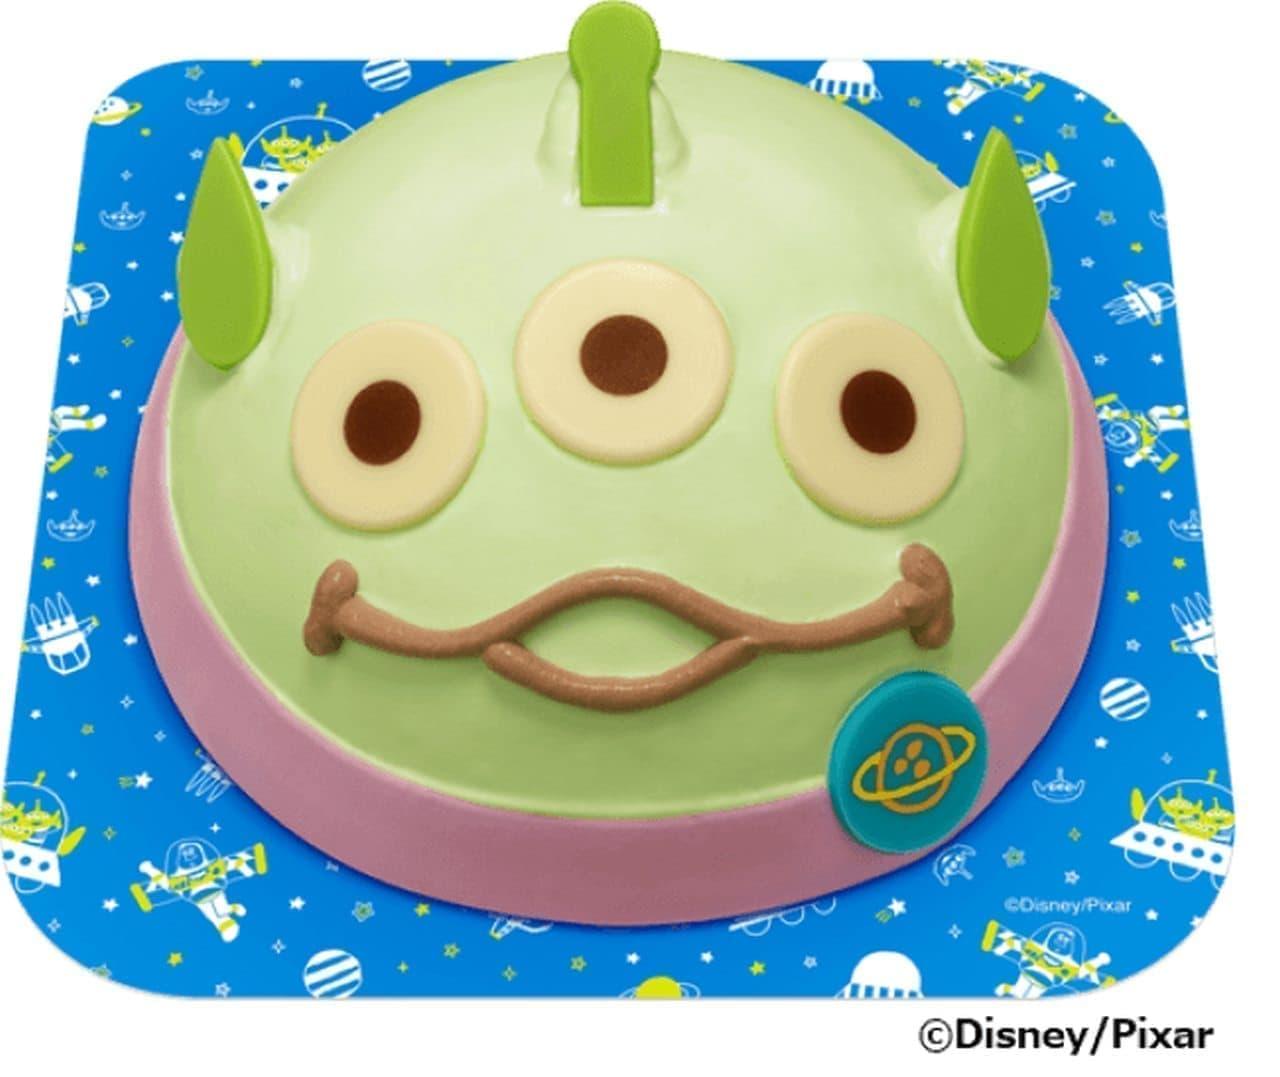 サーティワンのアイスケーキ「'エイリアン'」